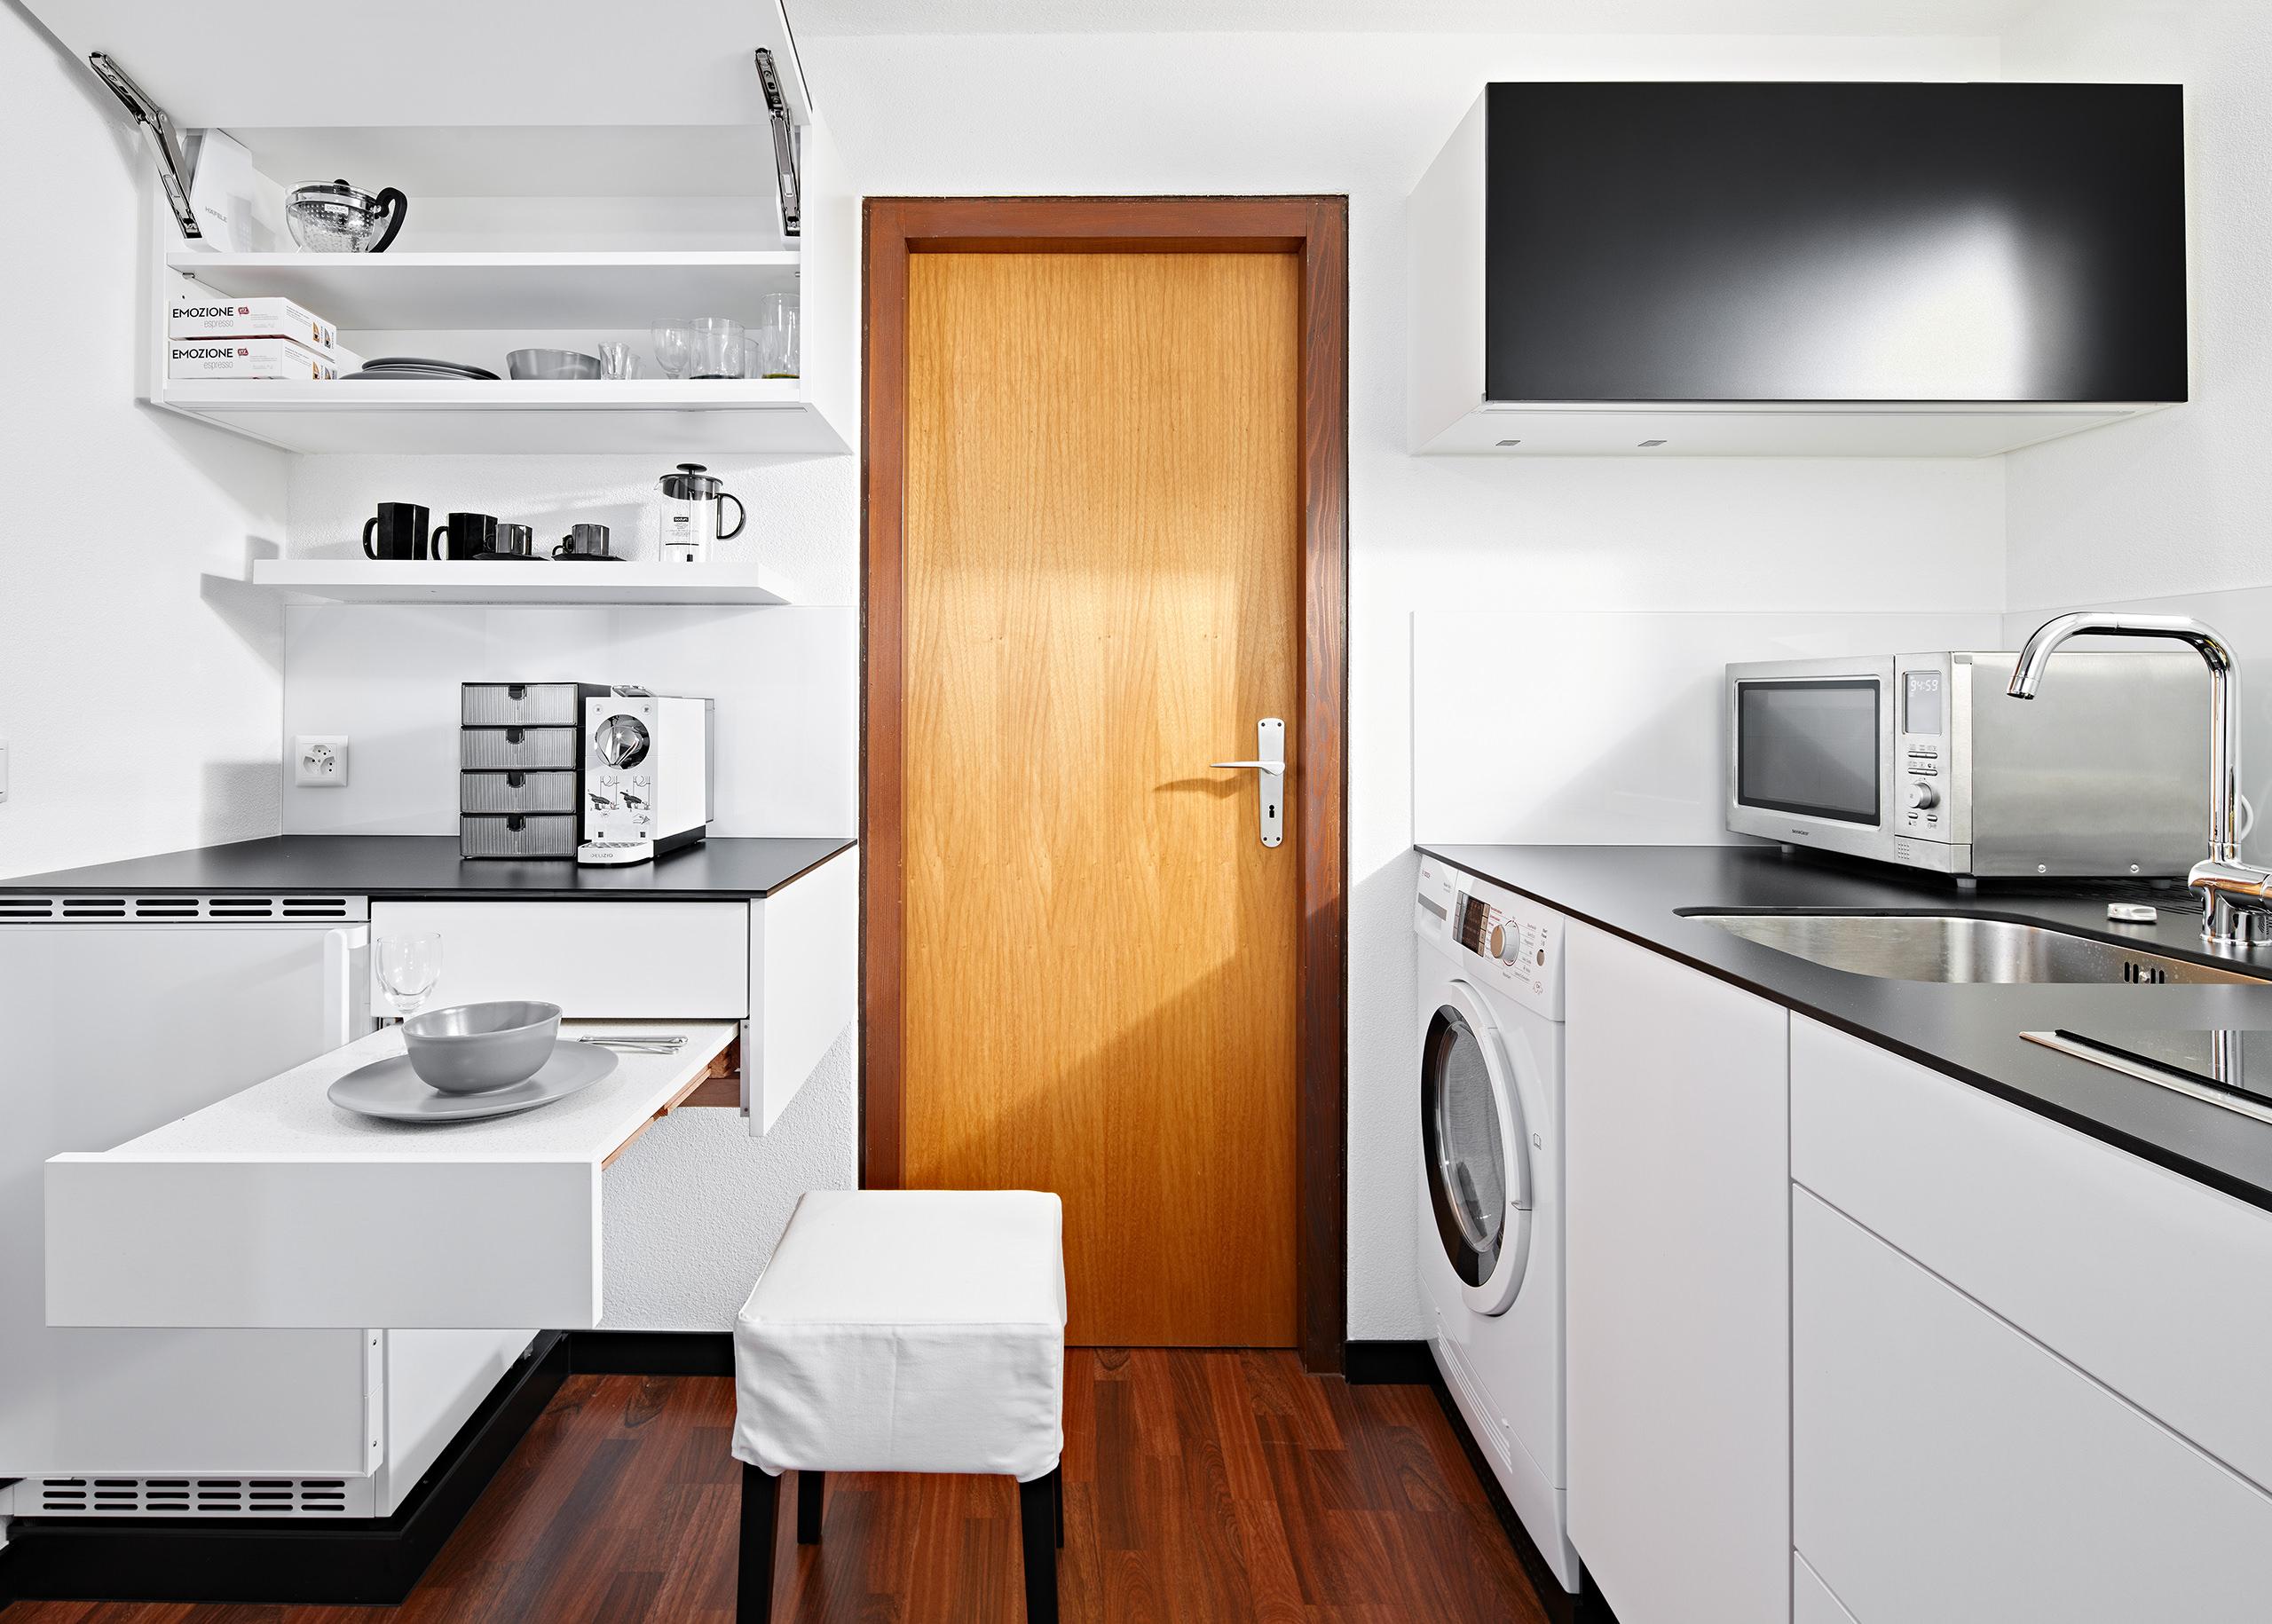 k che vom schreiner erfahrungen ikea k che t rkis frankfurter mainzer landstra e umbauen wei. Black Bedroom Furniture Sets. Home Design Ideas